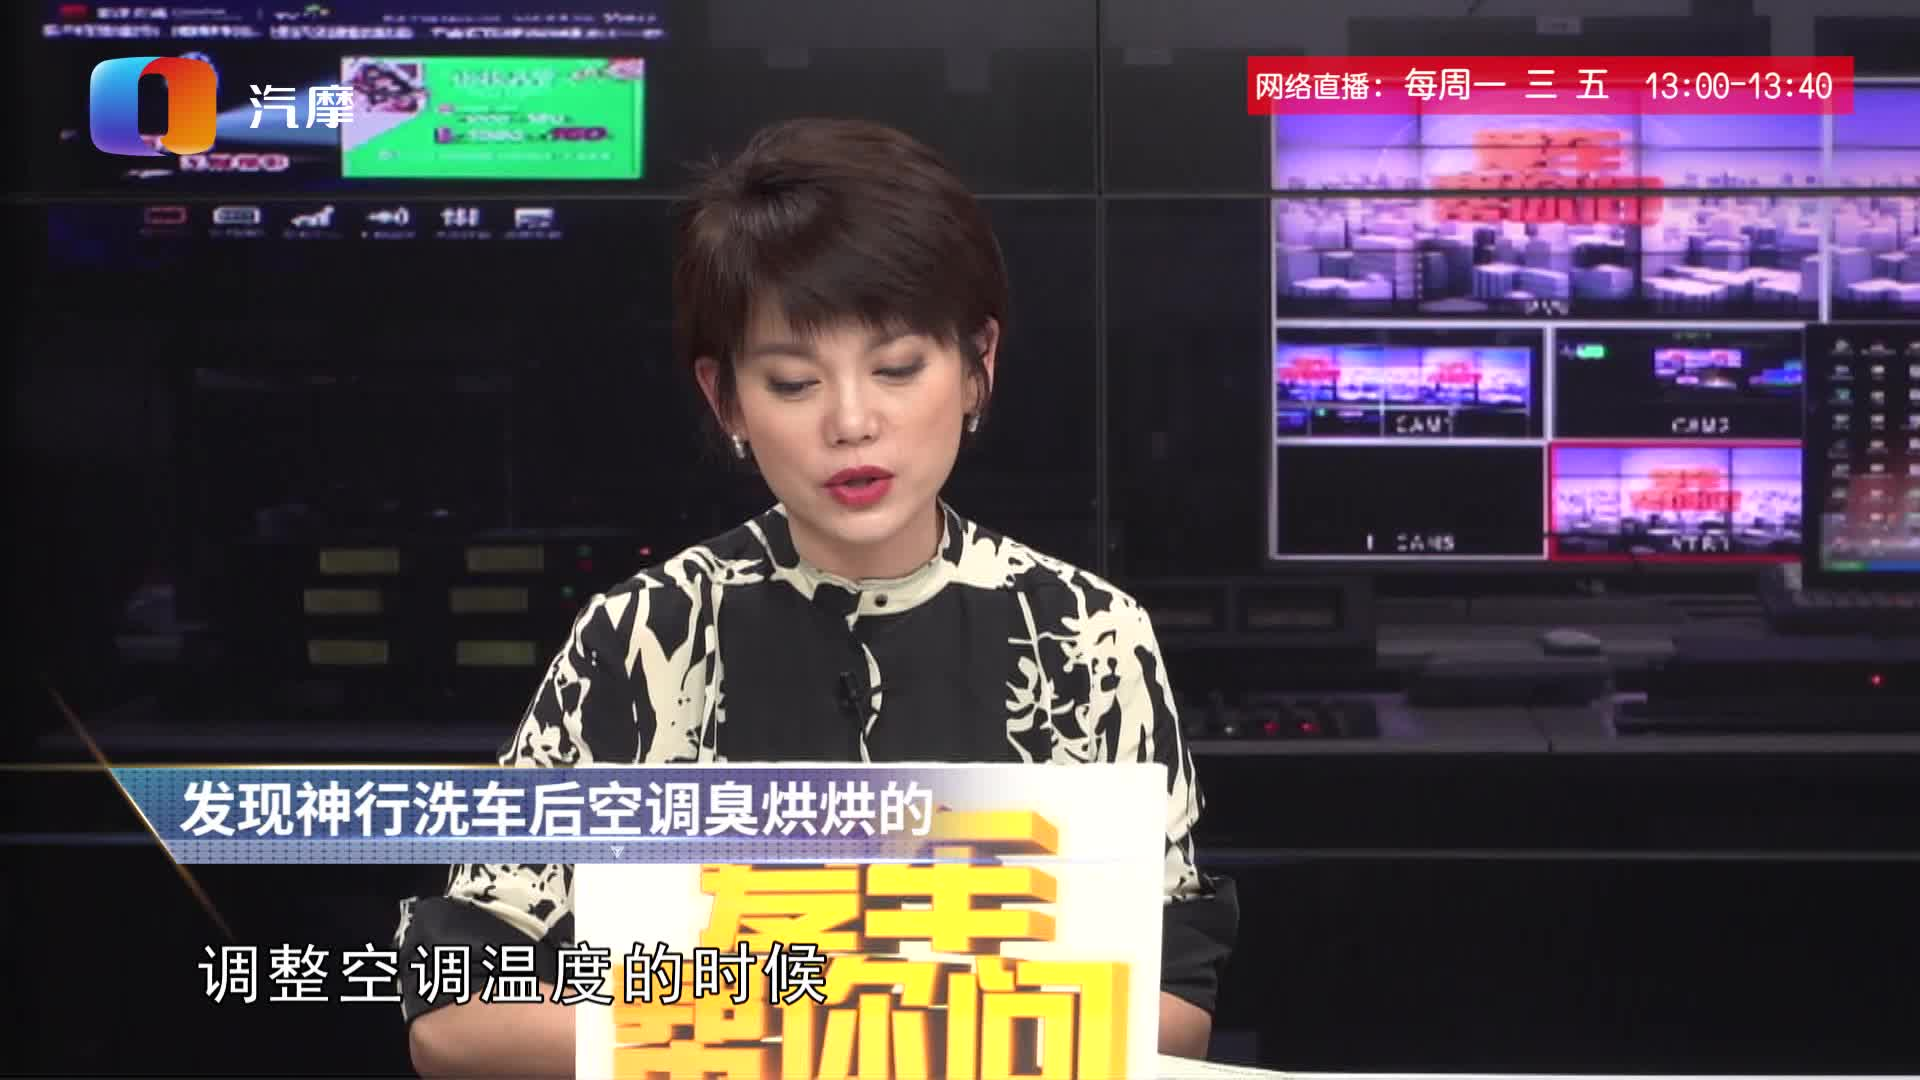 视频:发现神行洗车后为什么空调臭烘烘的?